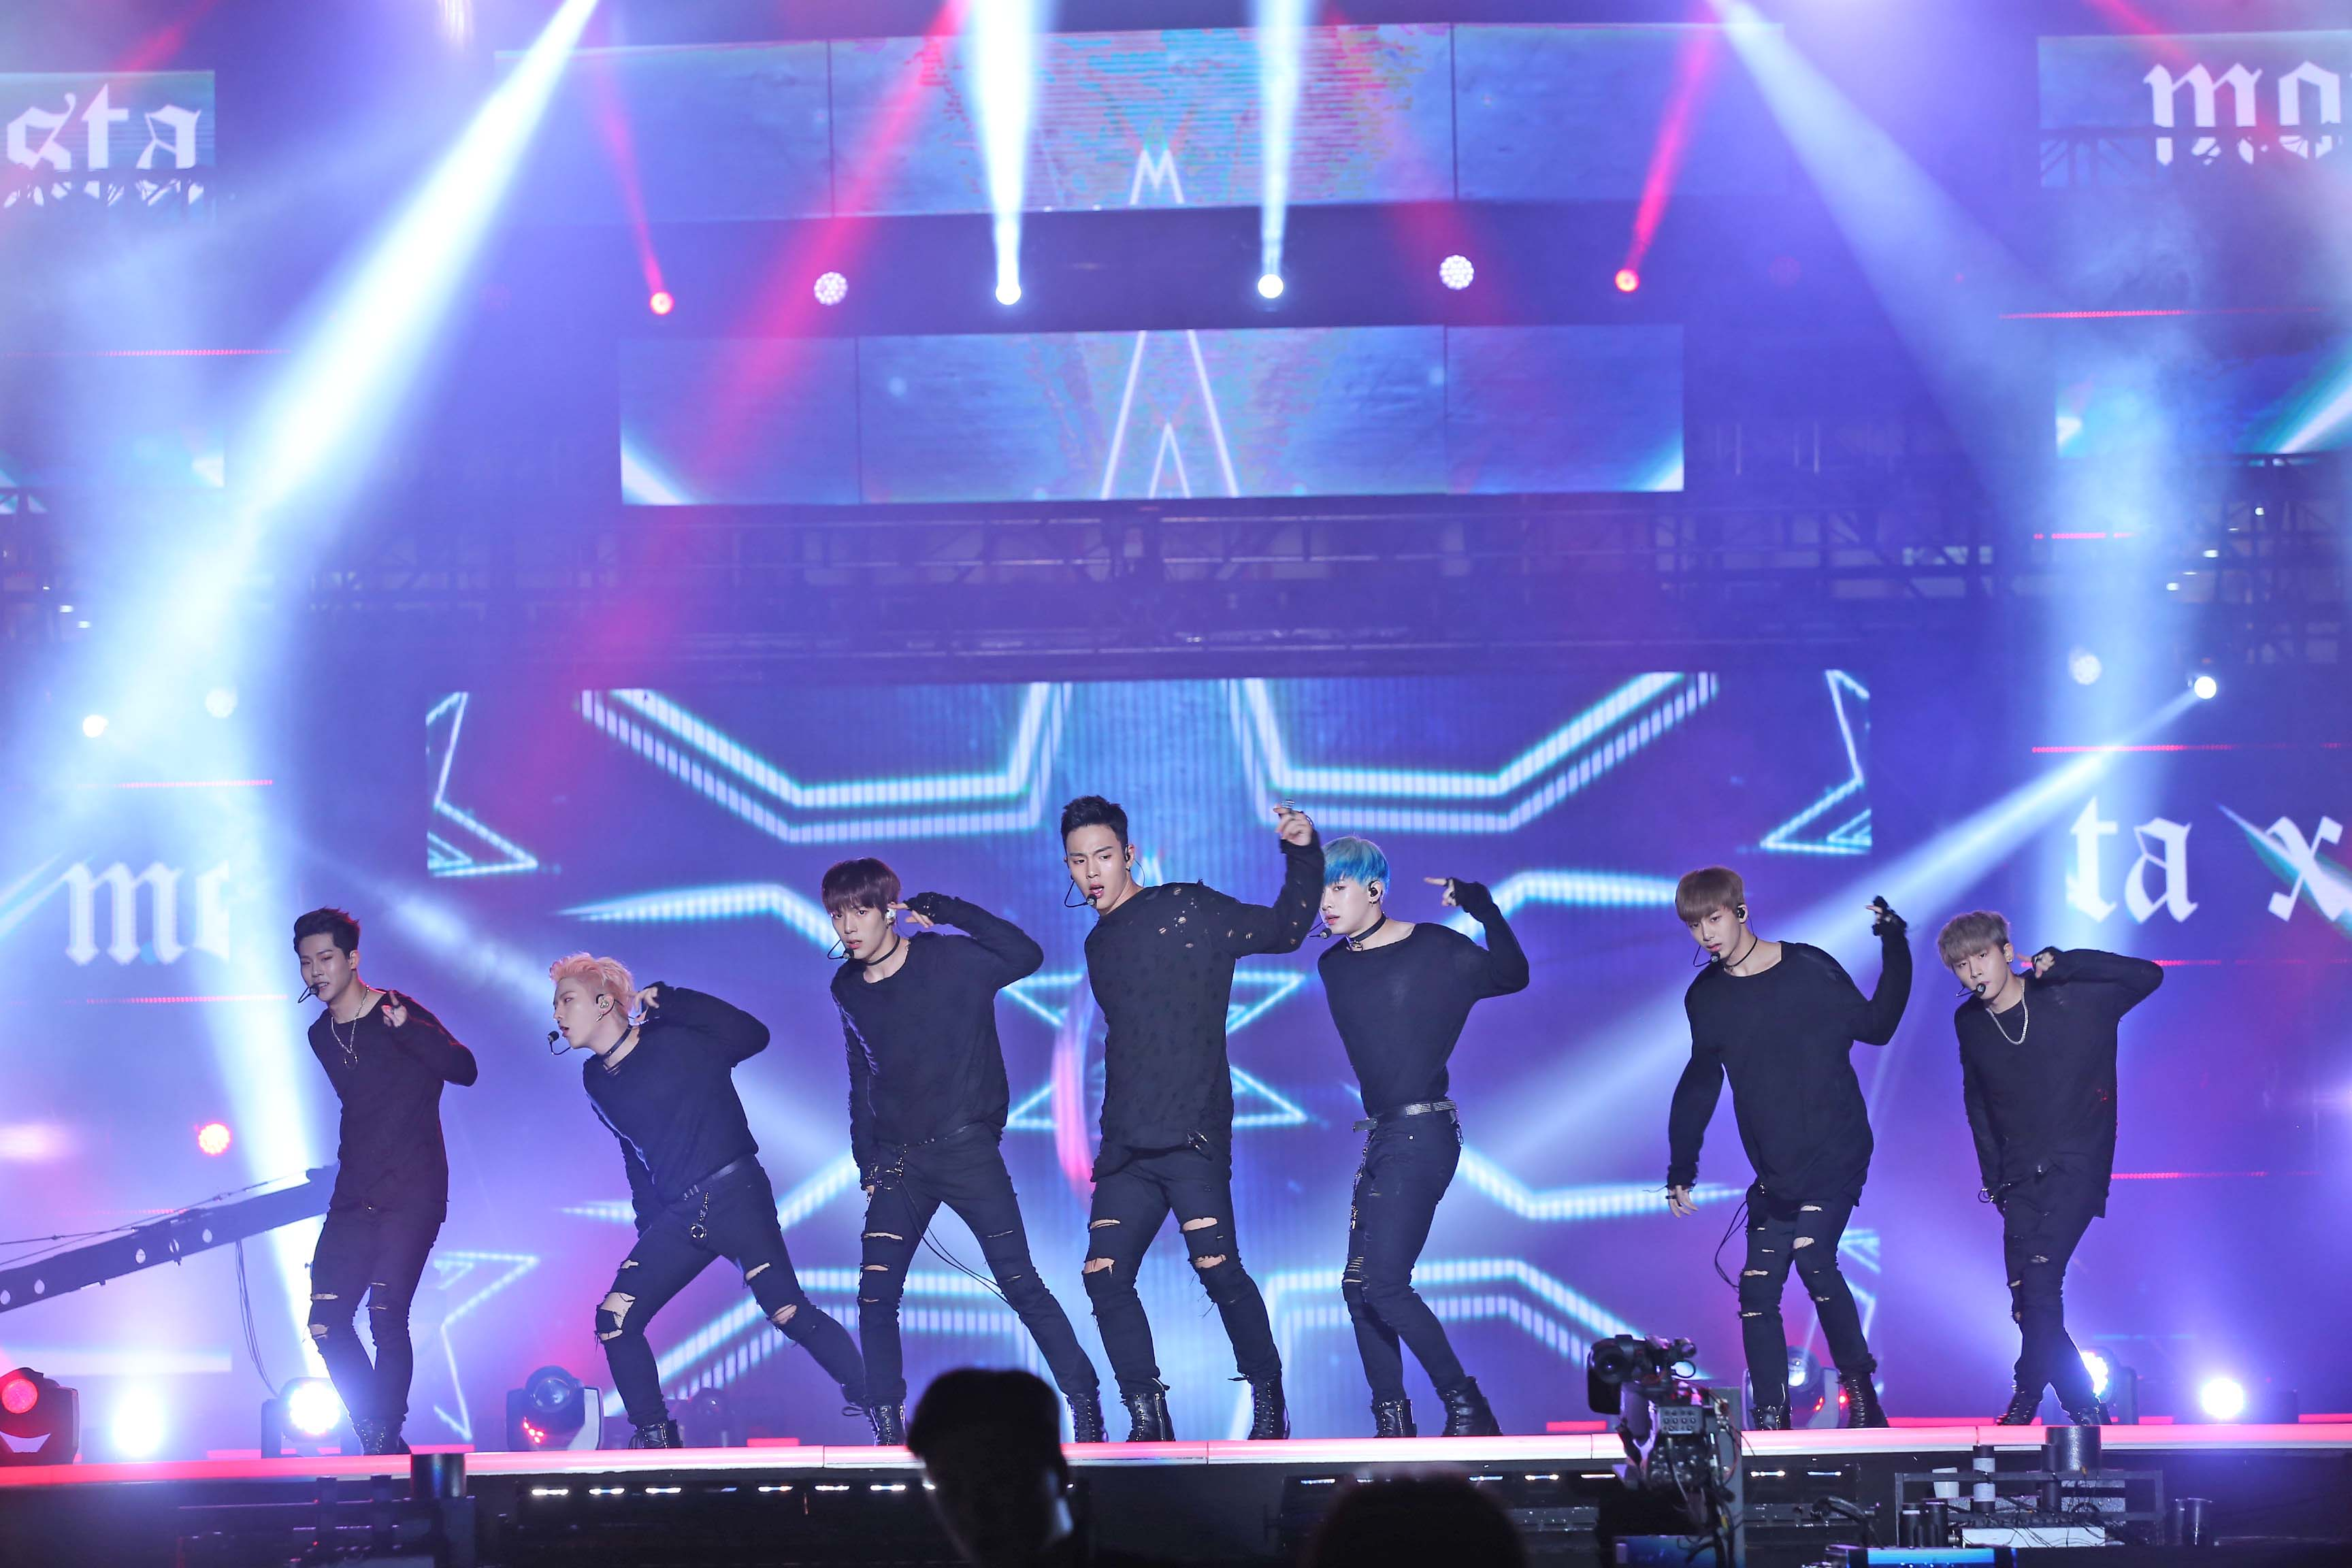 Kpop: 2018 Incheon KPOP Concert (INK) + Shuttle Bus + Market